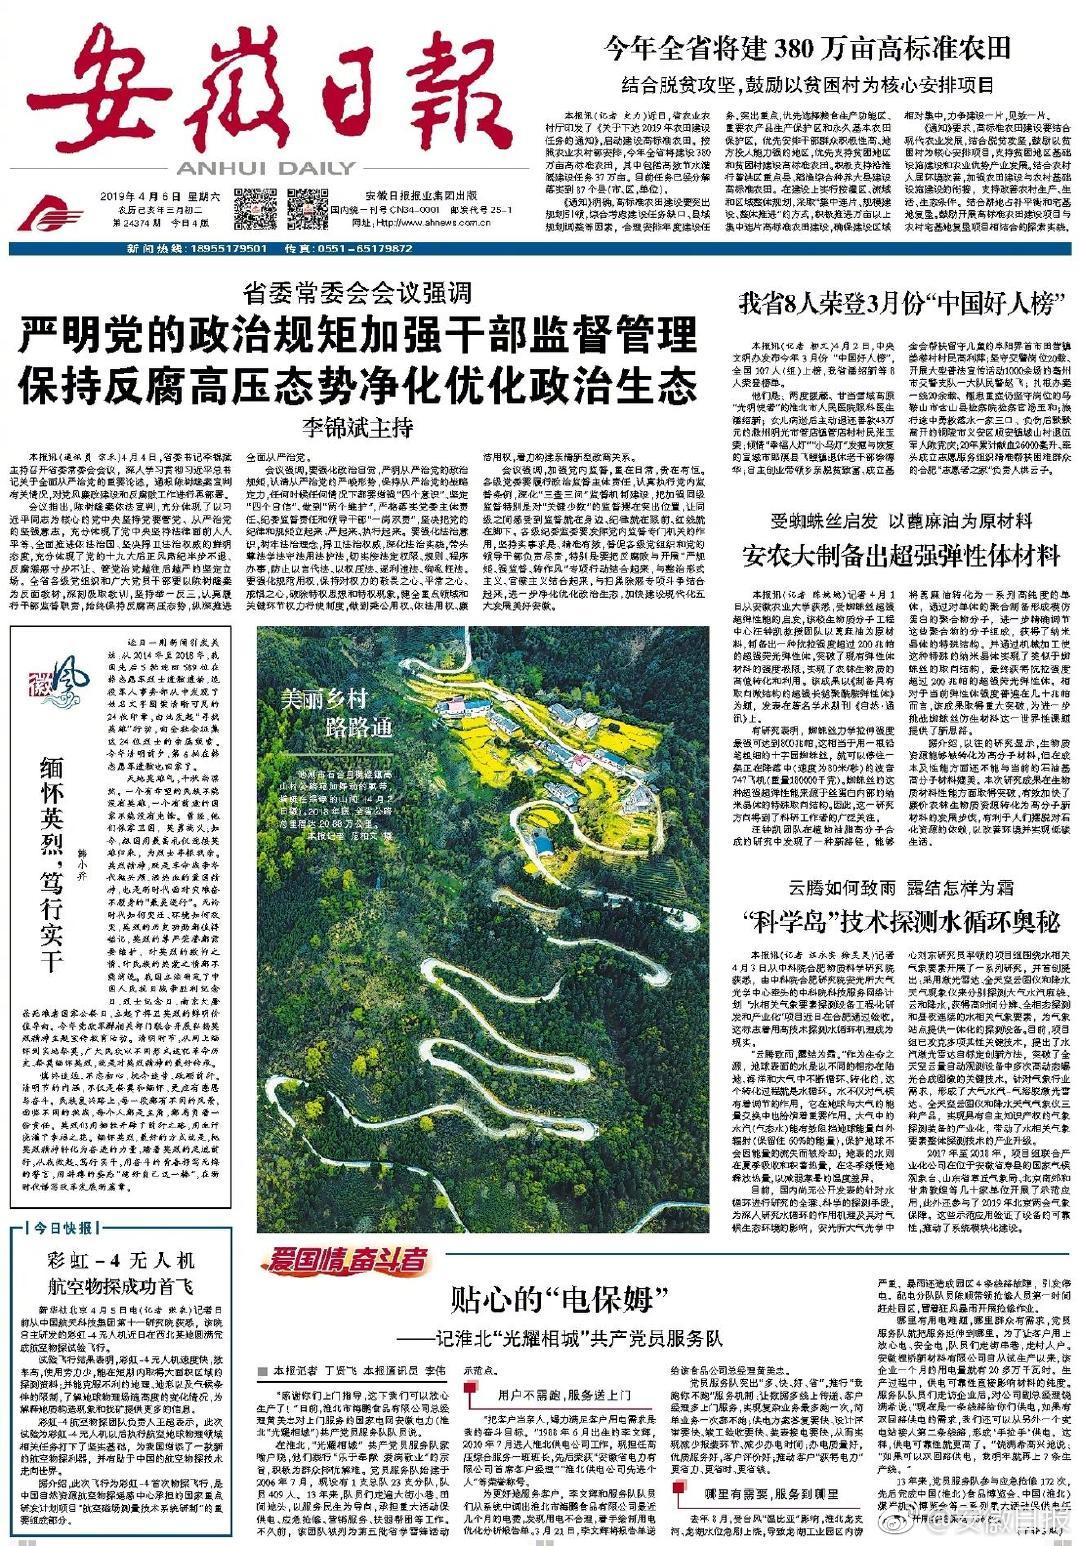 香港政务司司长张建宗:香港应融入国家大局,乘势而上